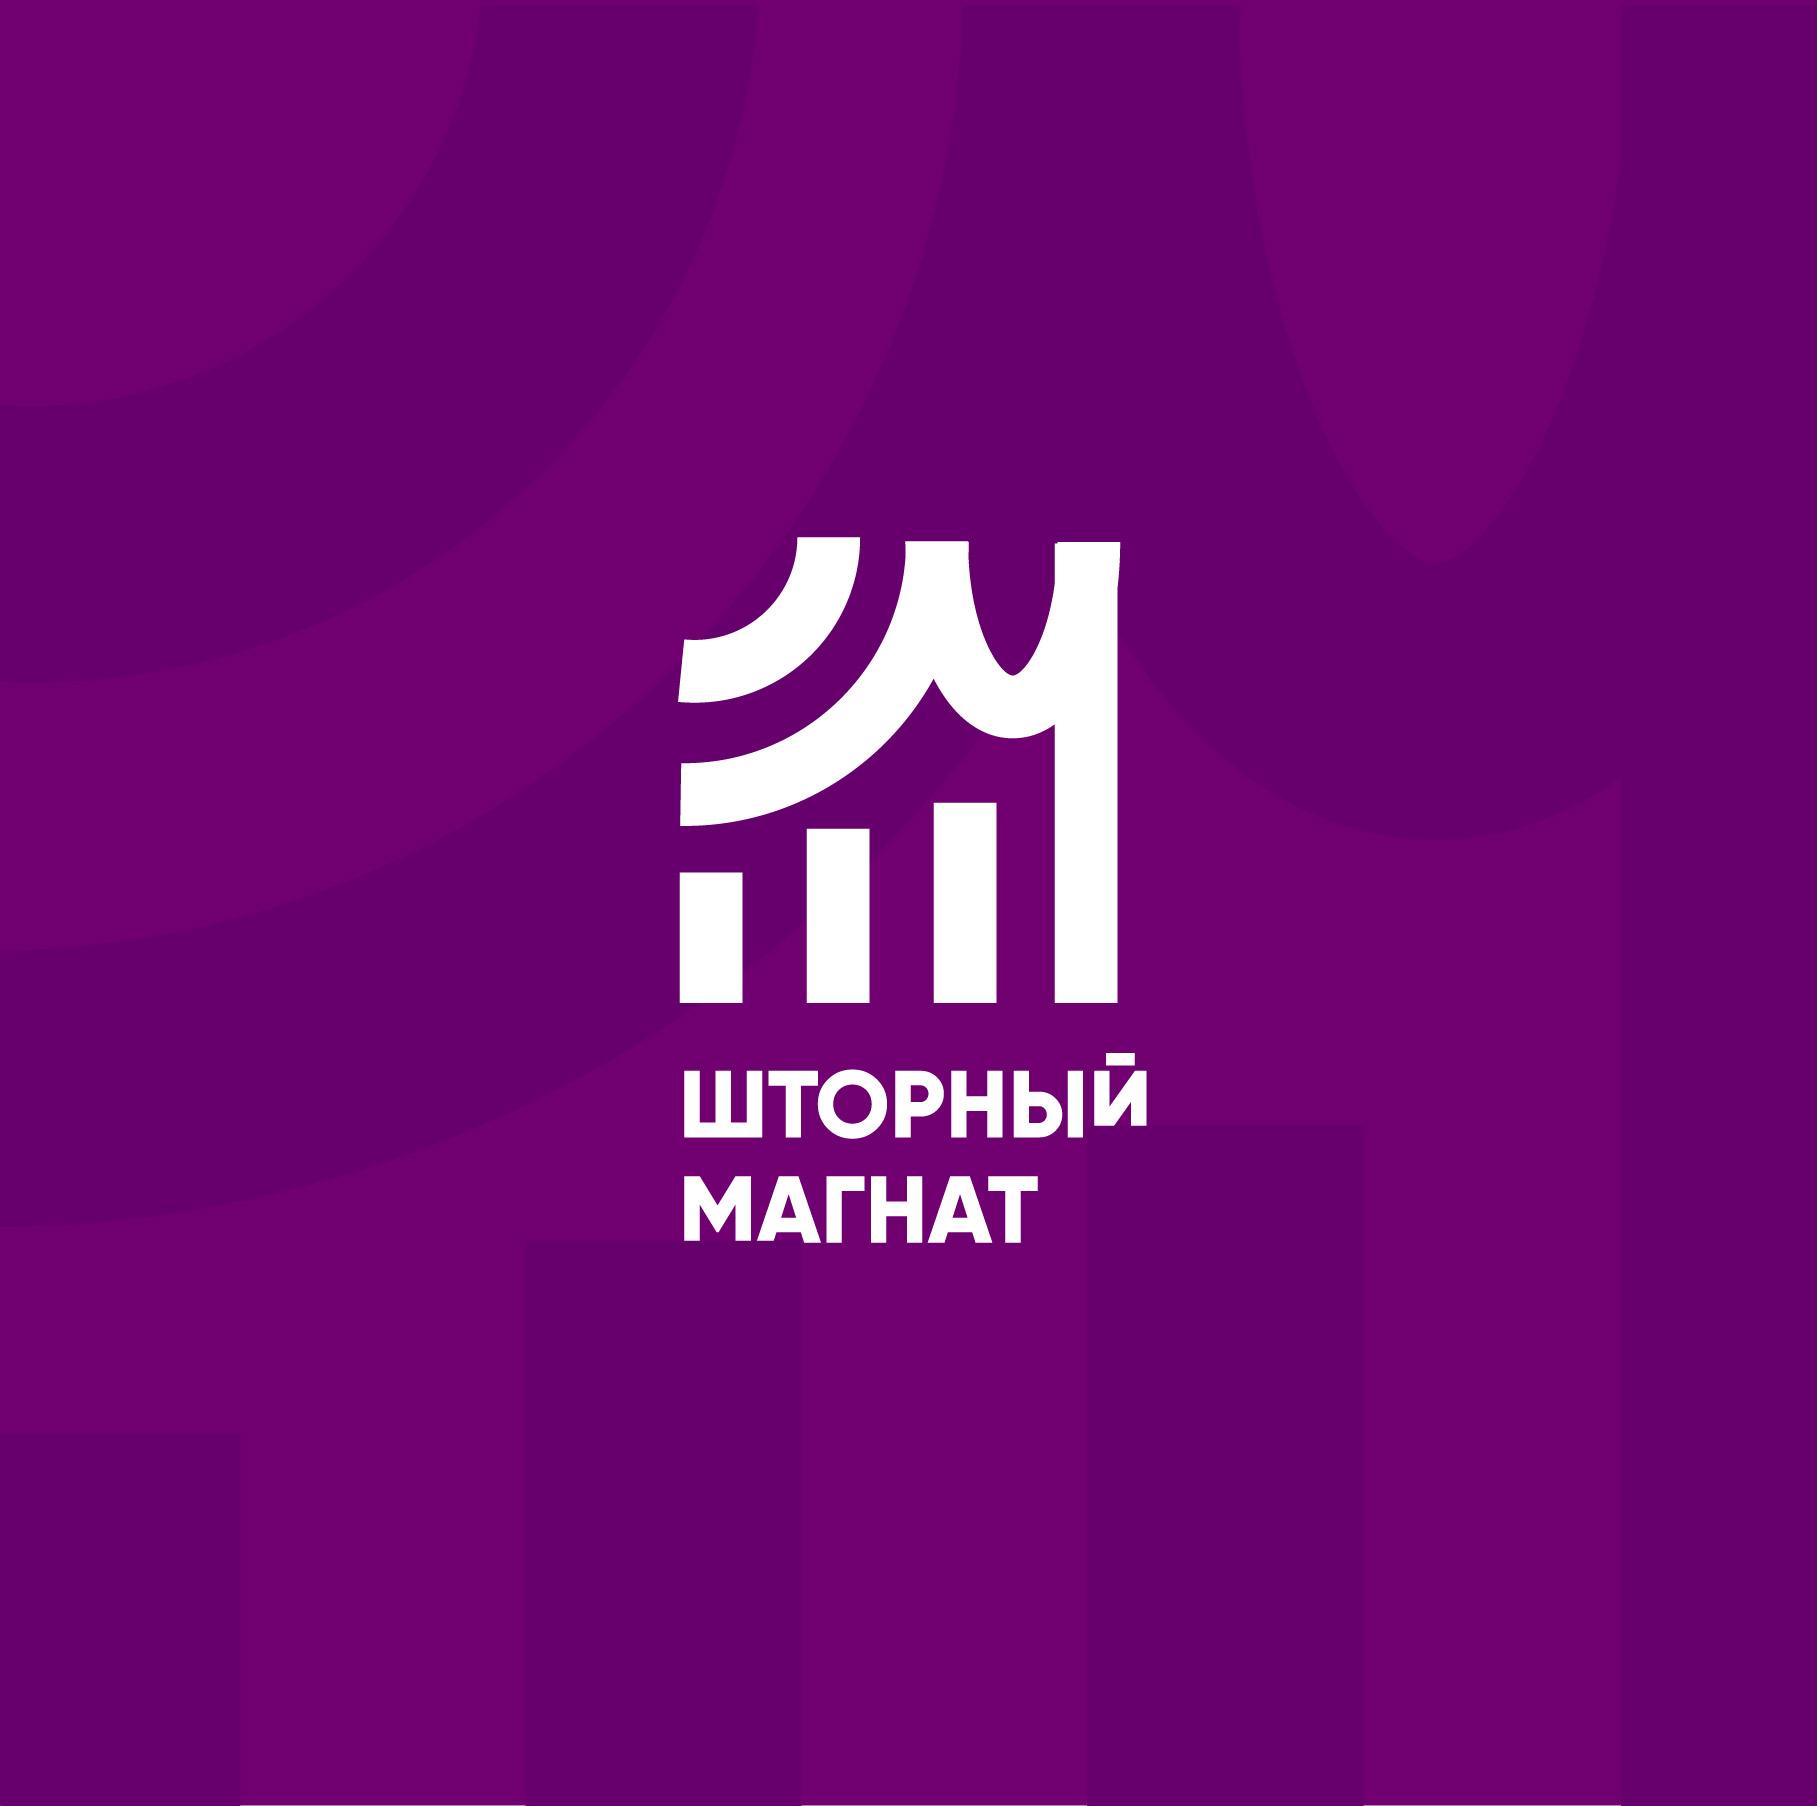 Логотип и фирменный стиль для магазина тканей. фото f_3465cd99fe807c7c.jpg